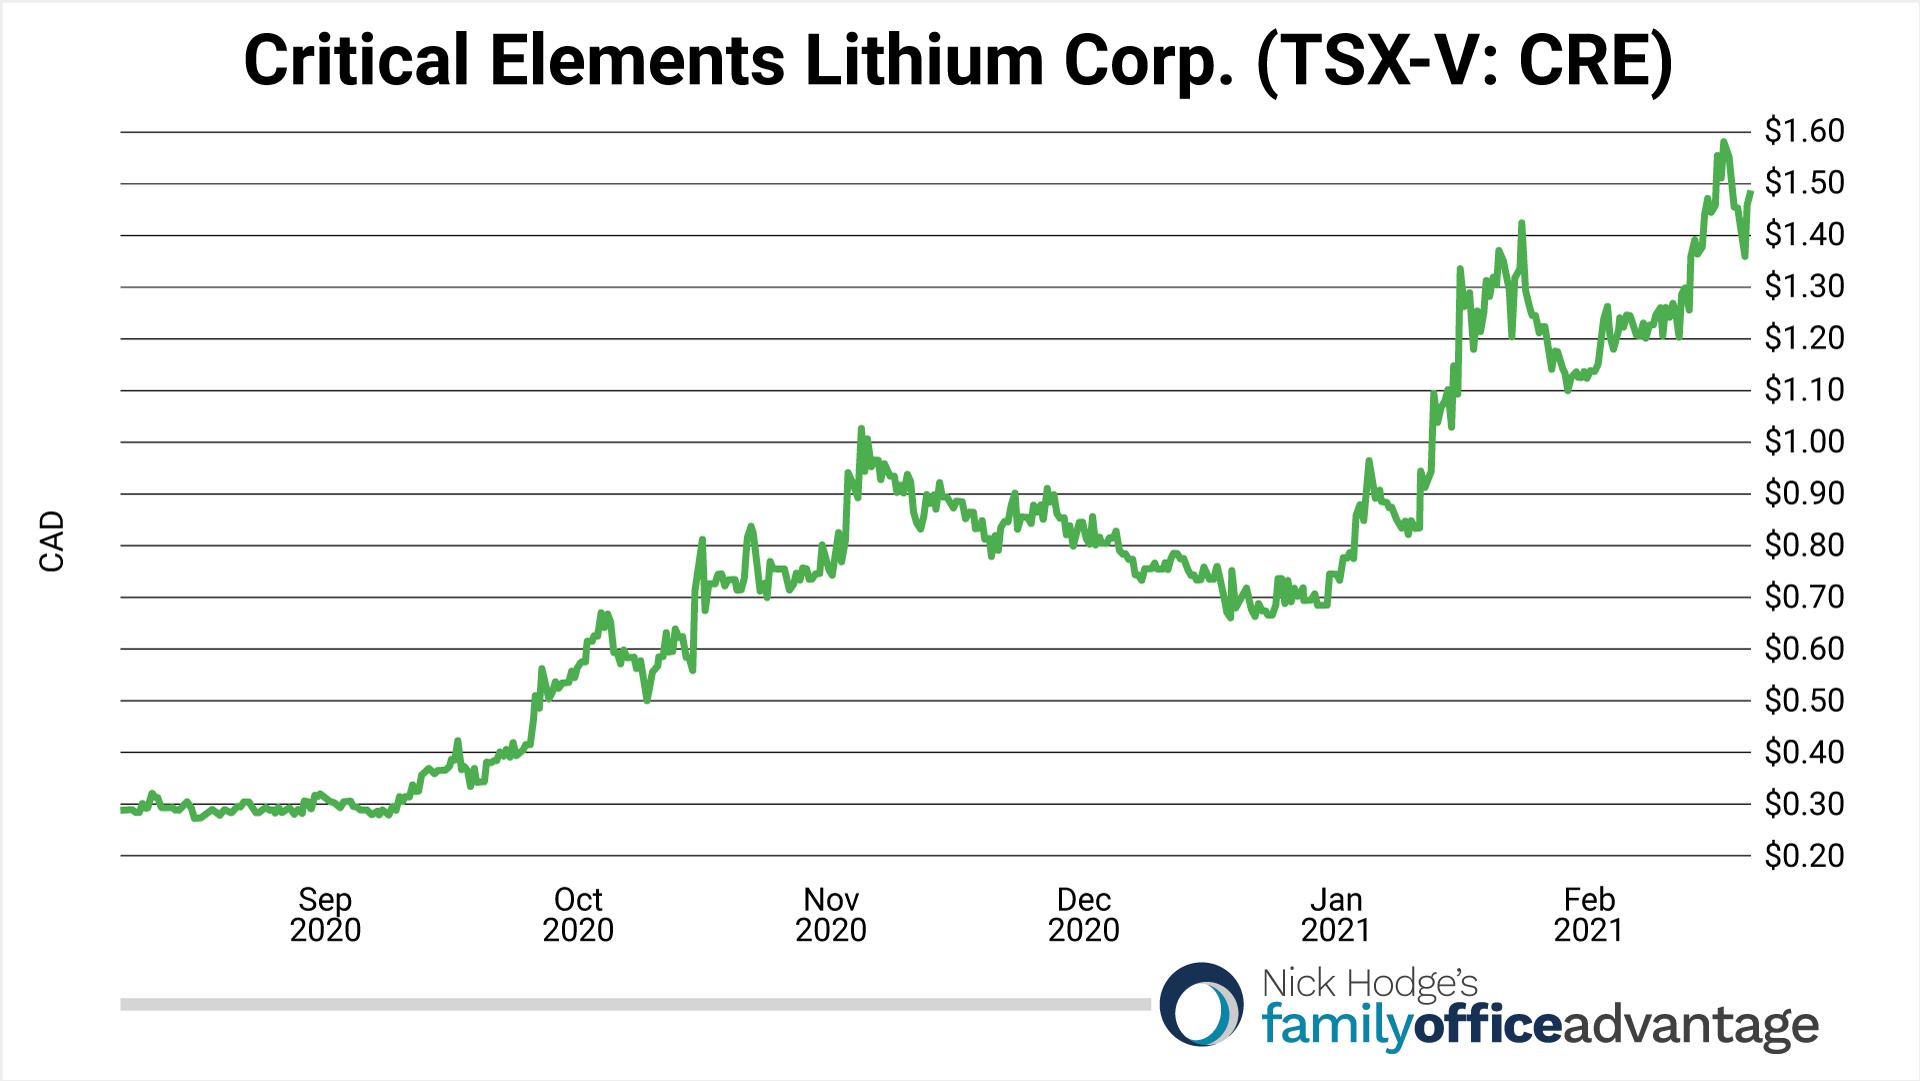 Critical Elements Lithium